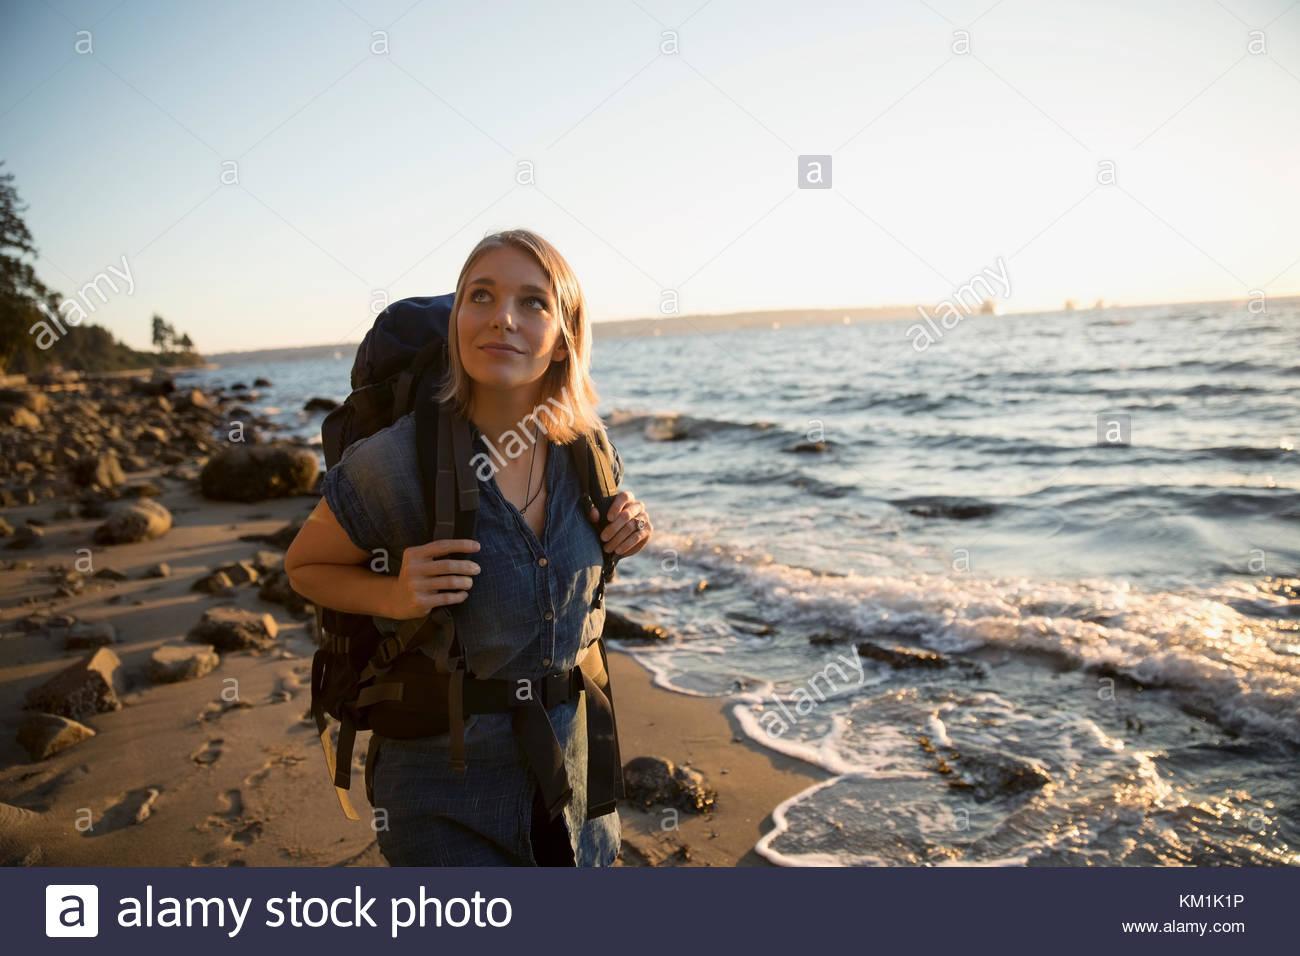 Curioso donna con escursionismo zaino cercando di sunny ocean beach Immagini Stock